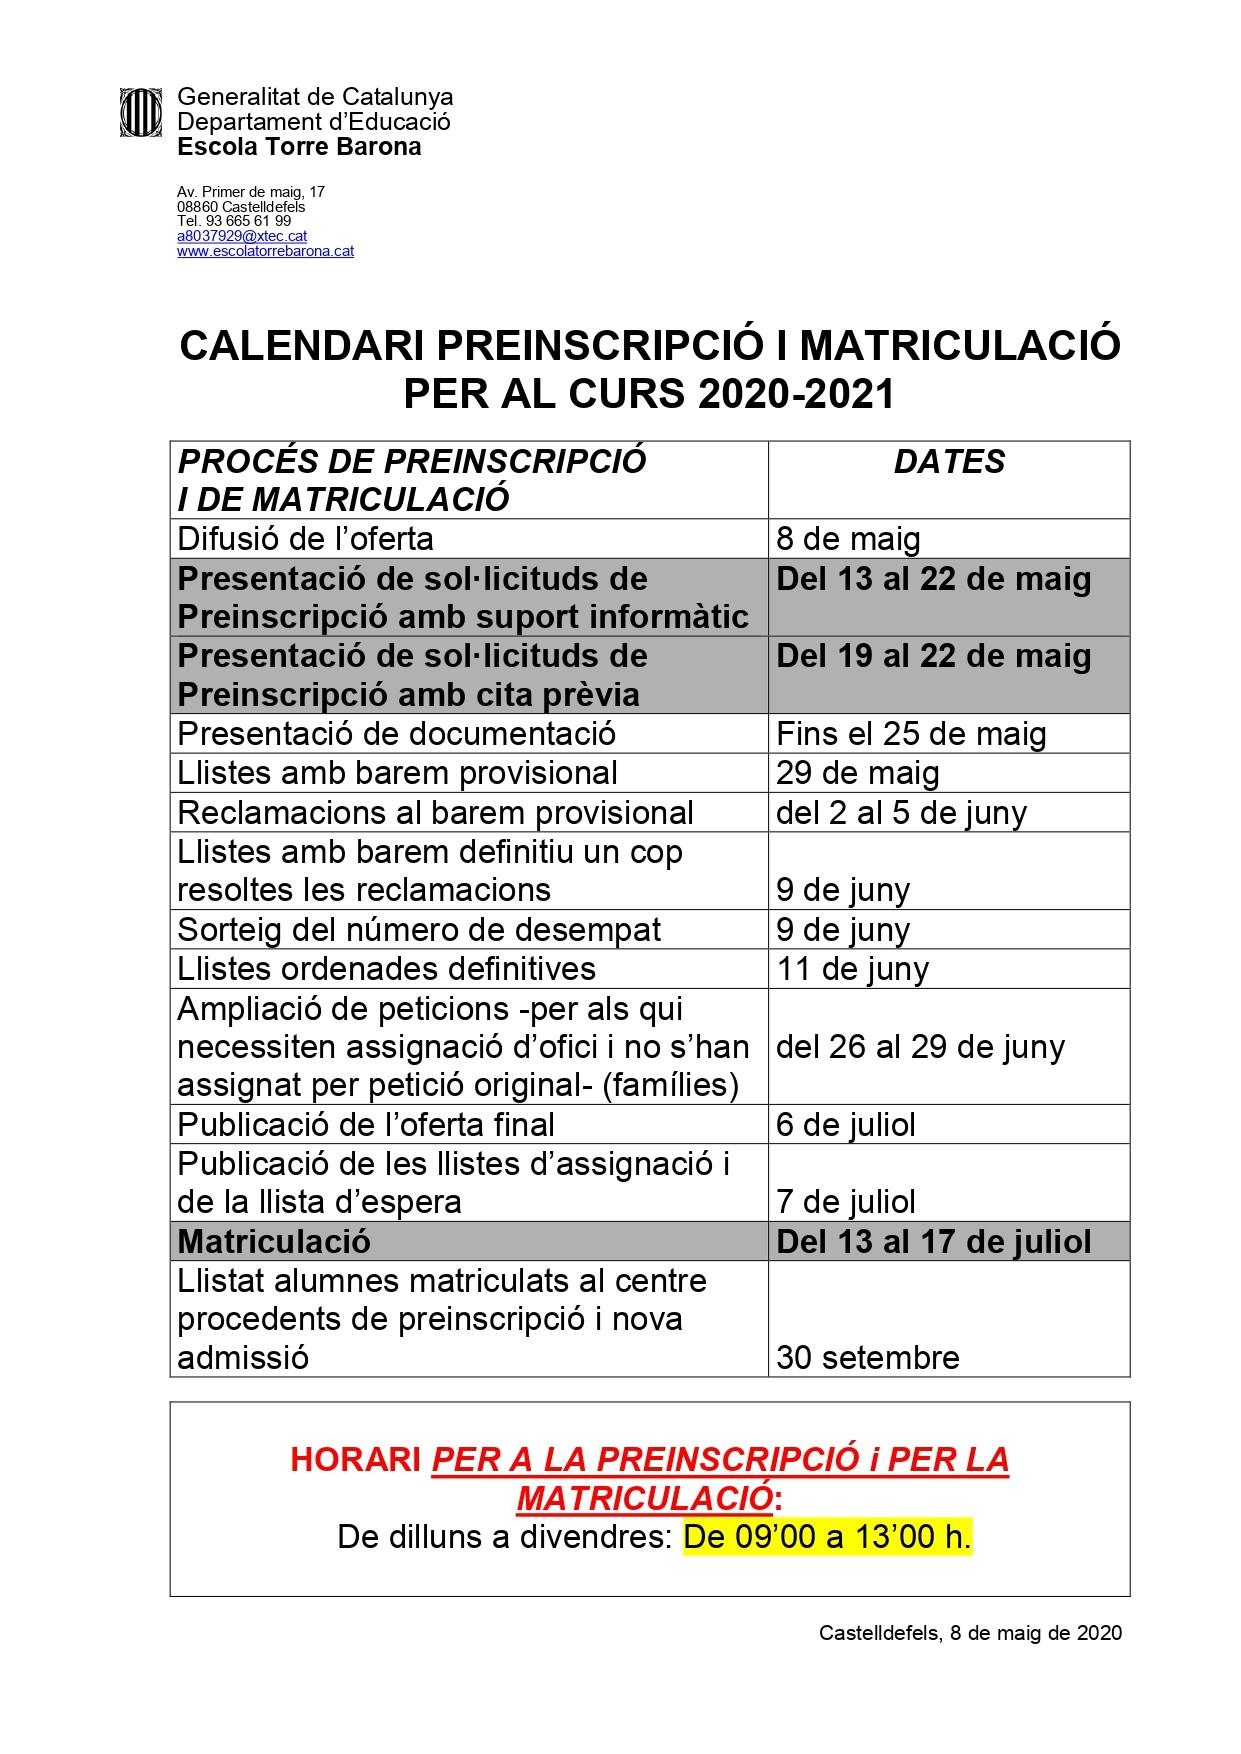 Calendari Pares Preinscripció i Matriculació 2020 21 page 0001